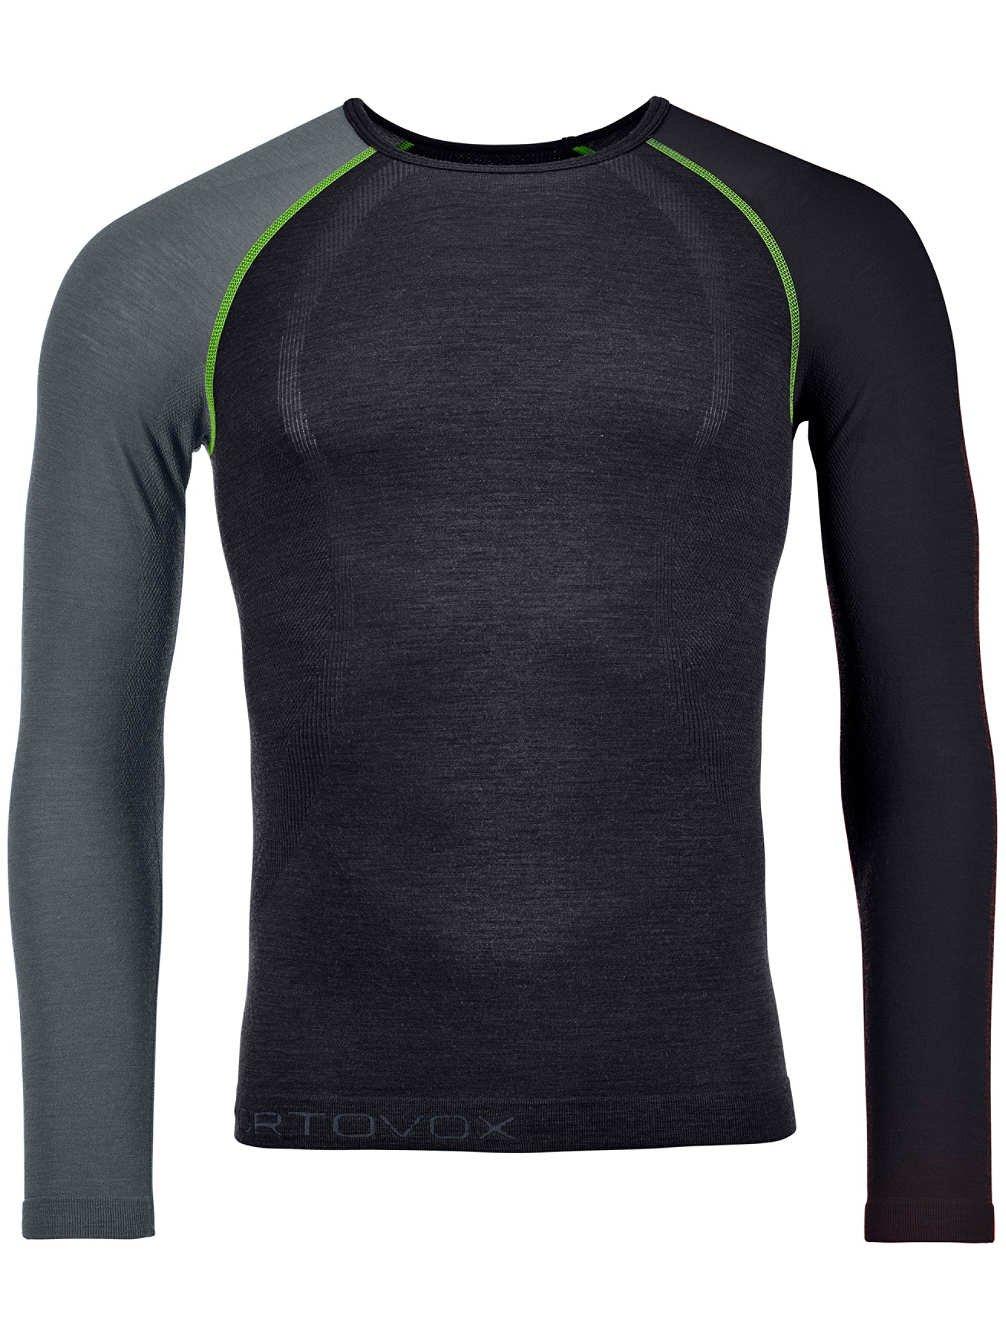 Ortovox Herren 120 Comp Light Longsleeve Shirt